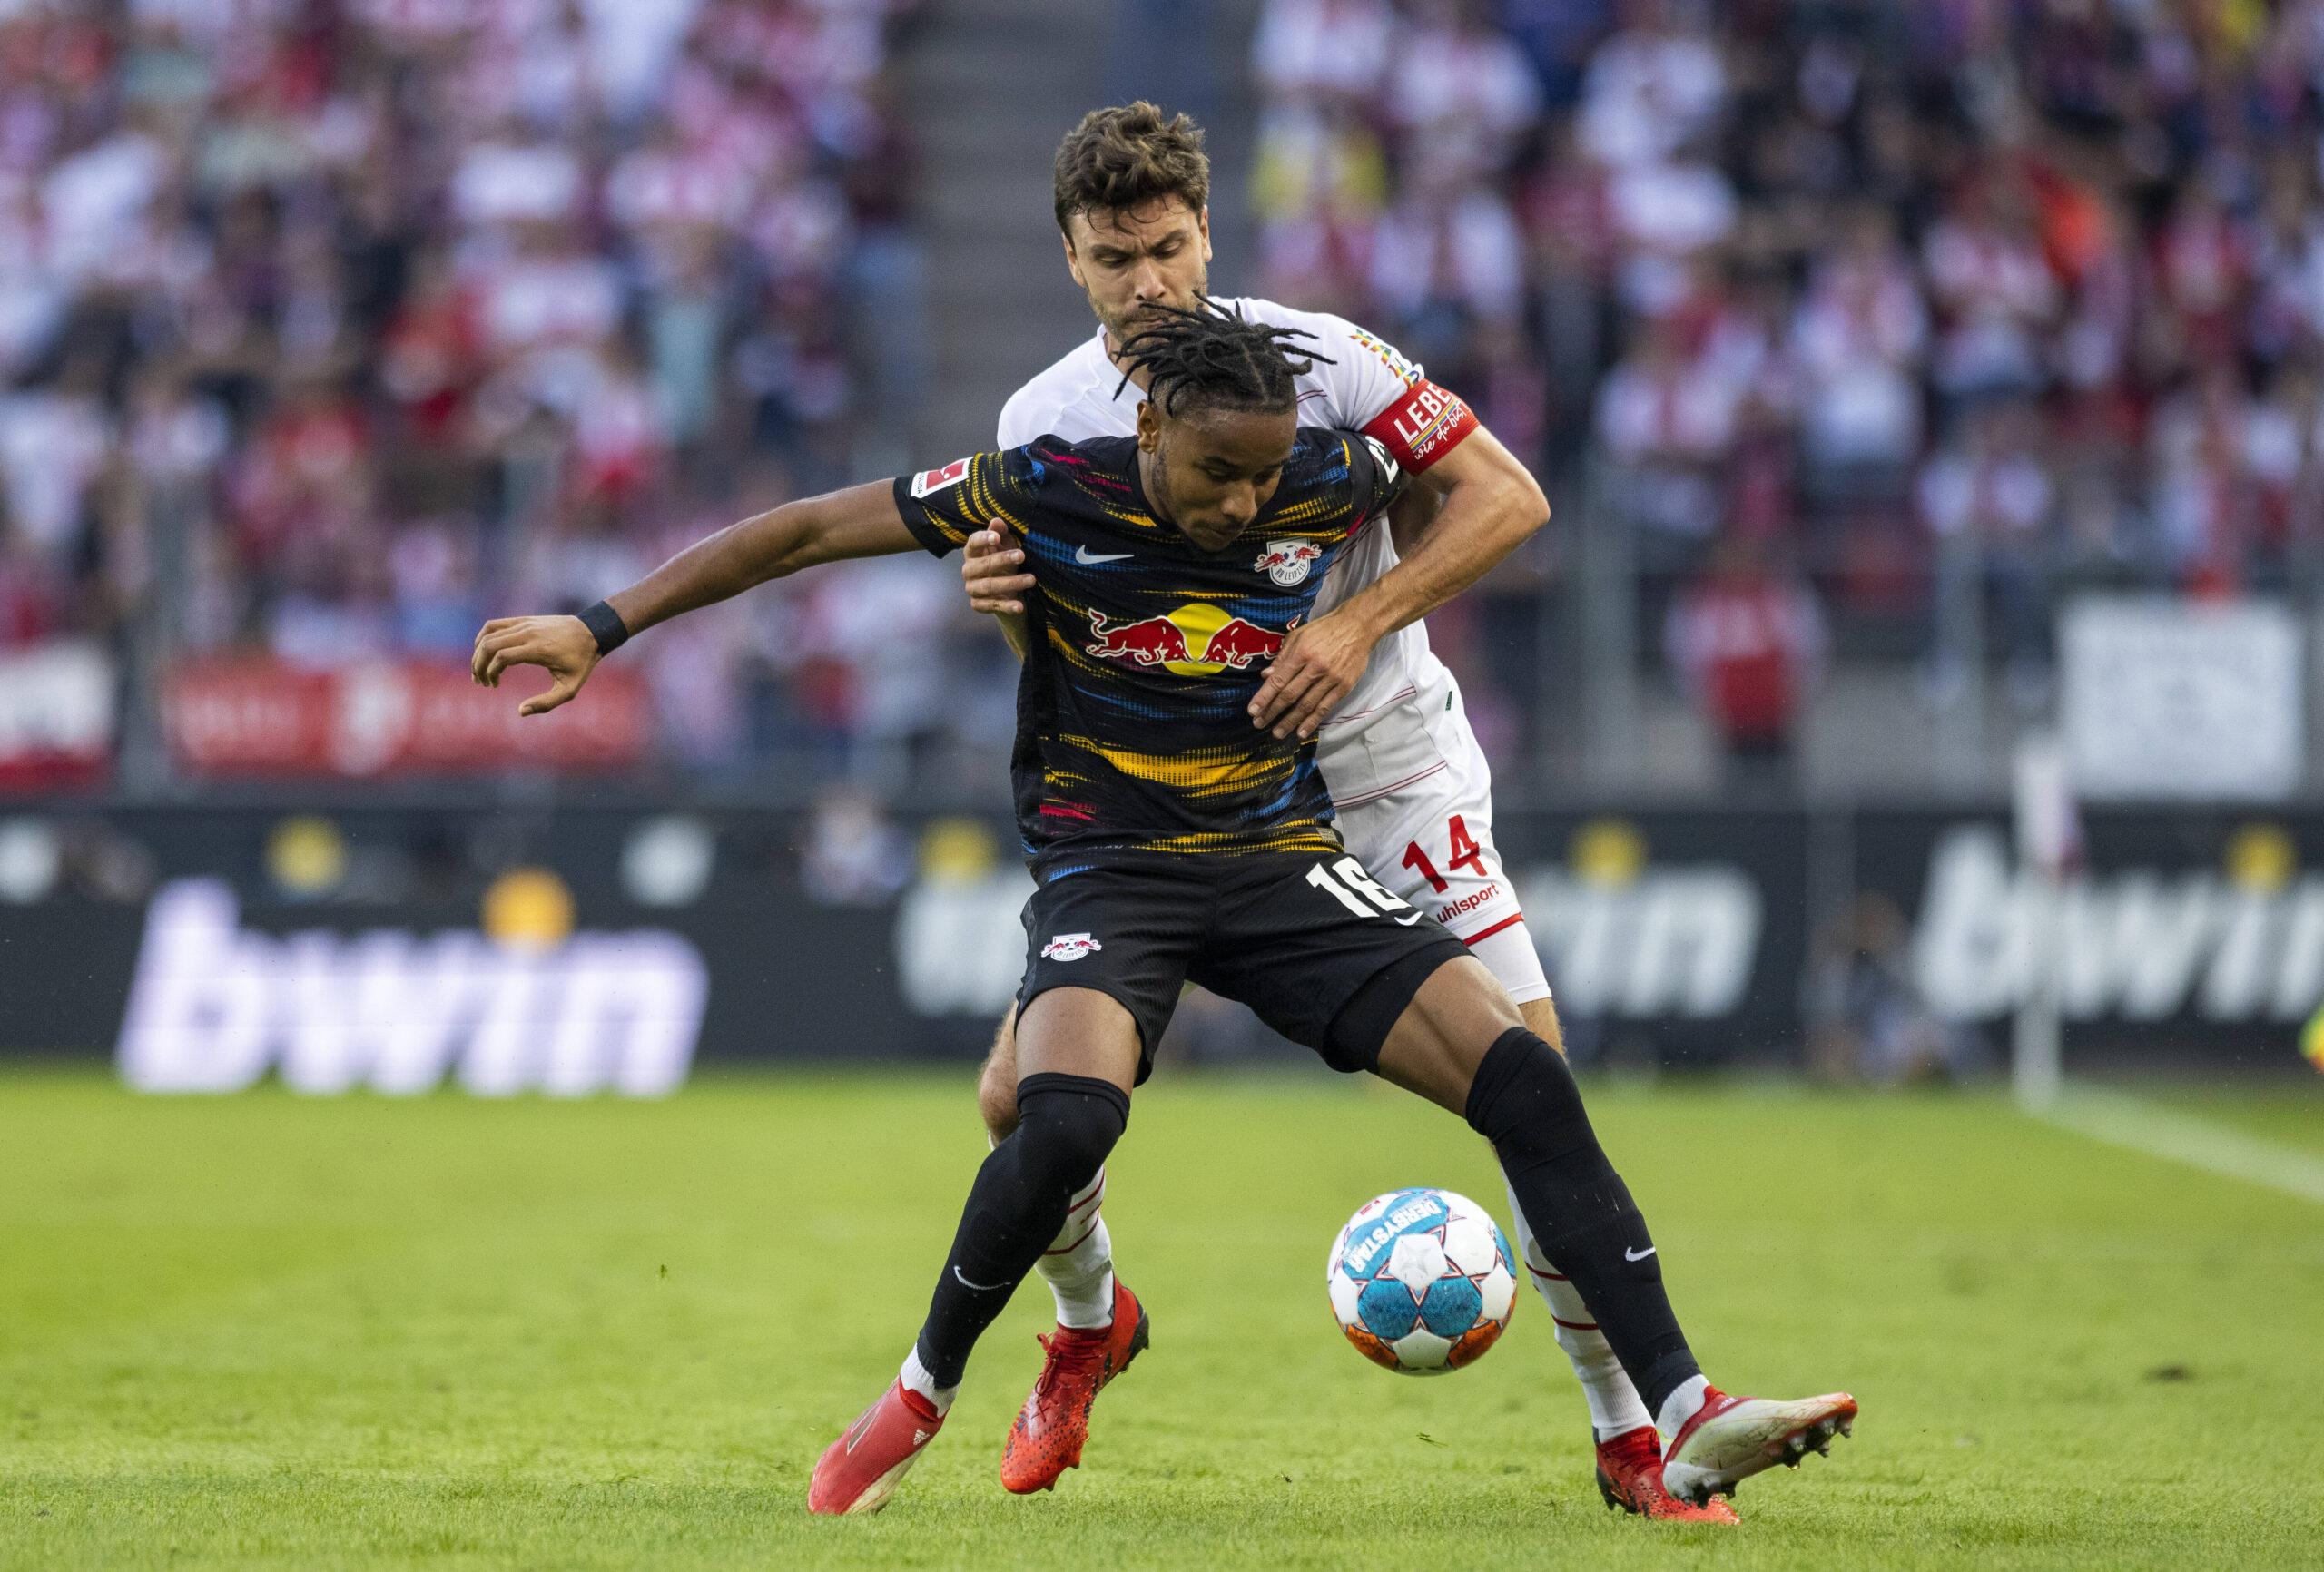 RB Leipzig no pudo con FC Köln y las dudas crecen. Foto: Imago.